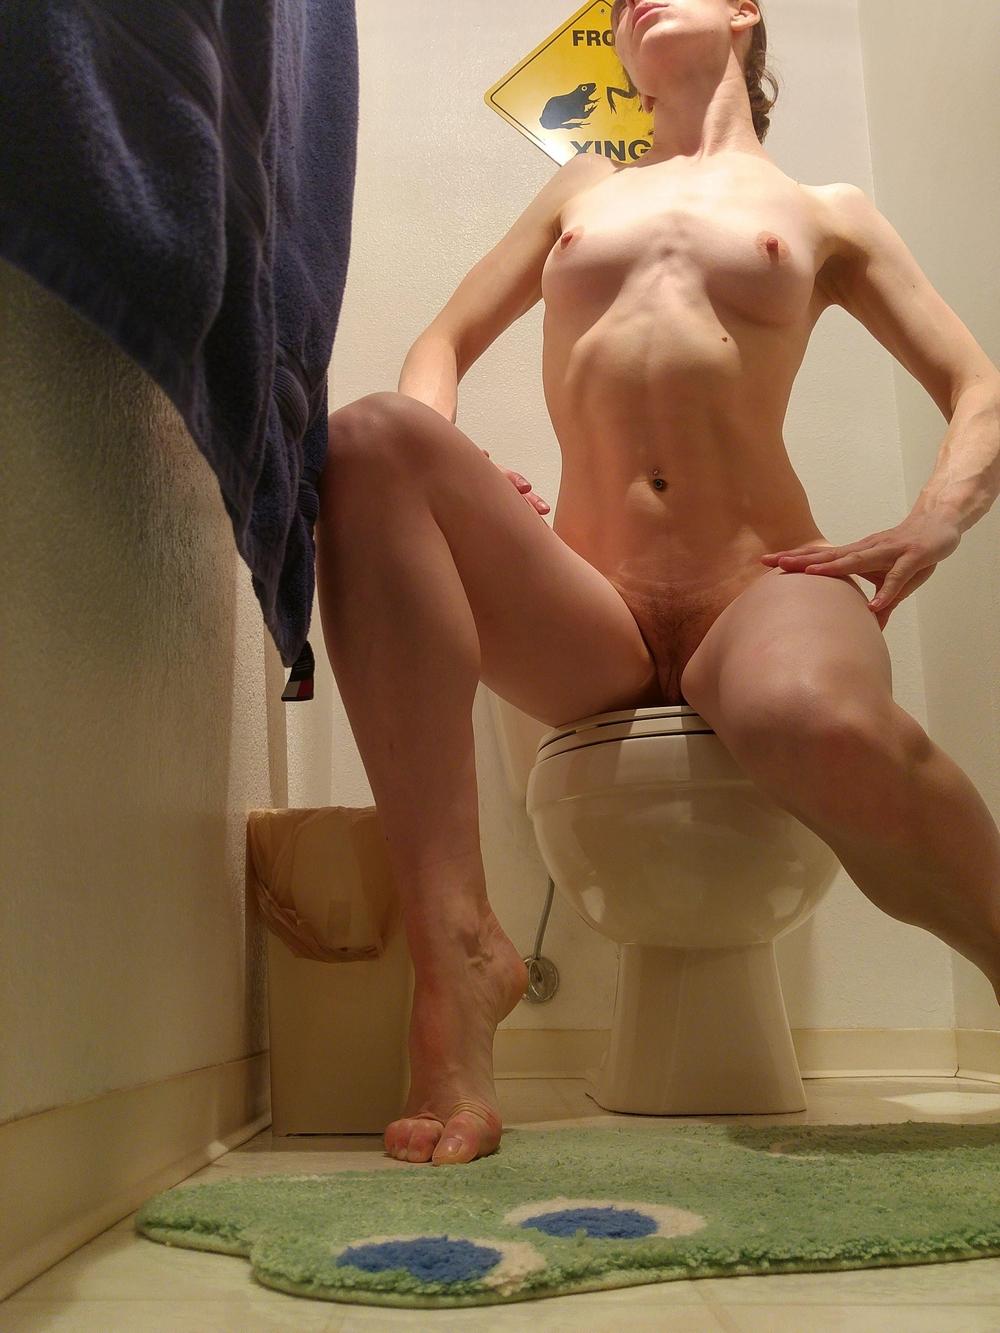 Подтянутая девушка позирует дома в обнаженном виде